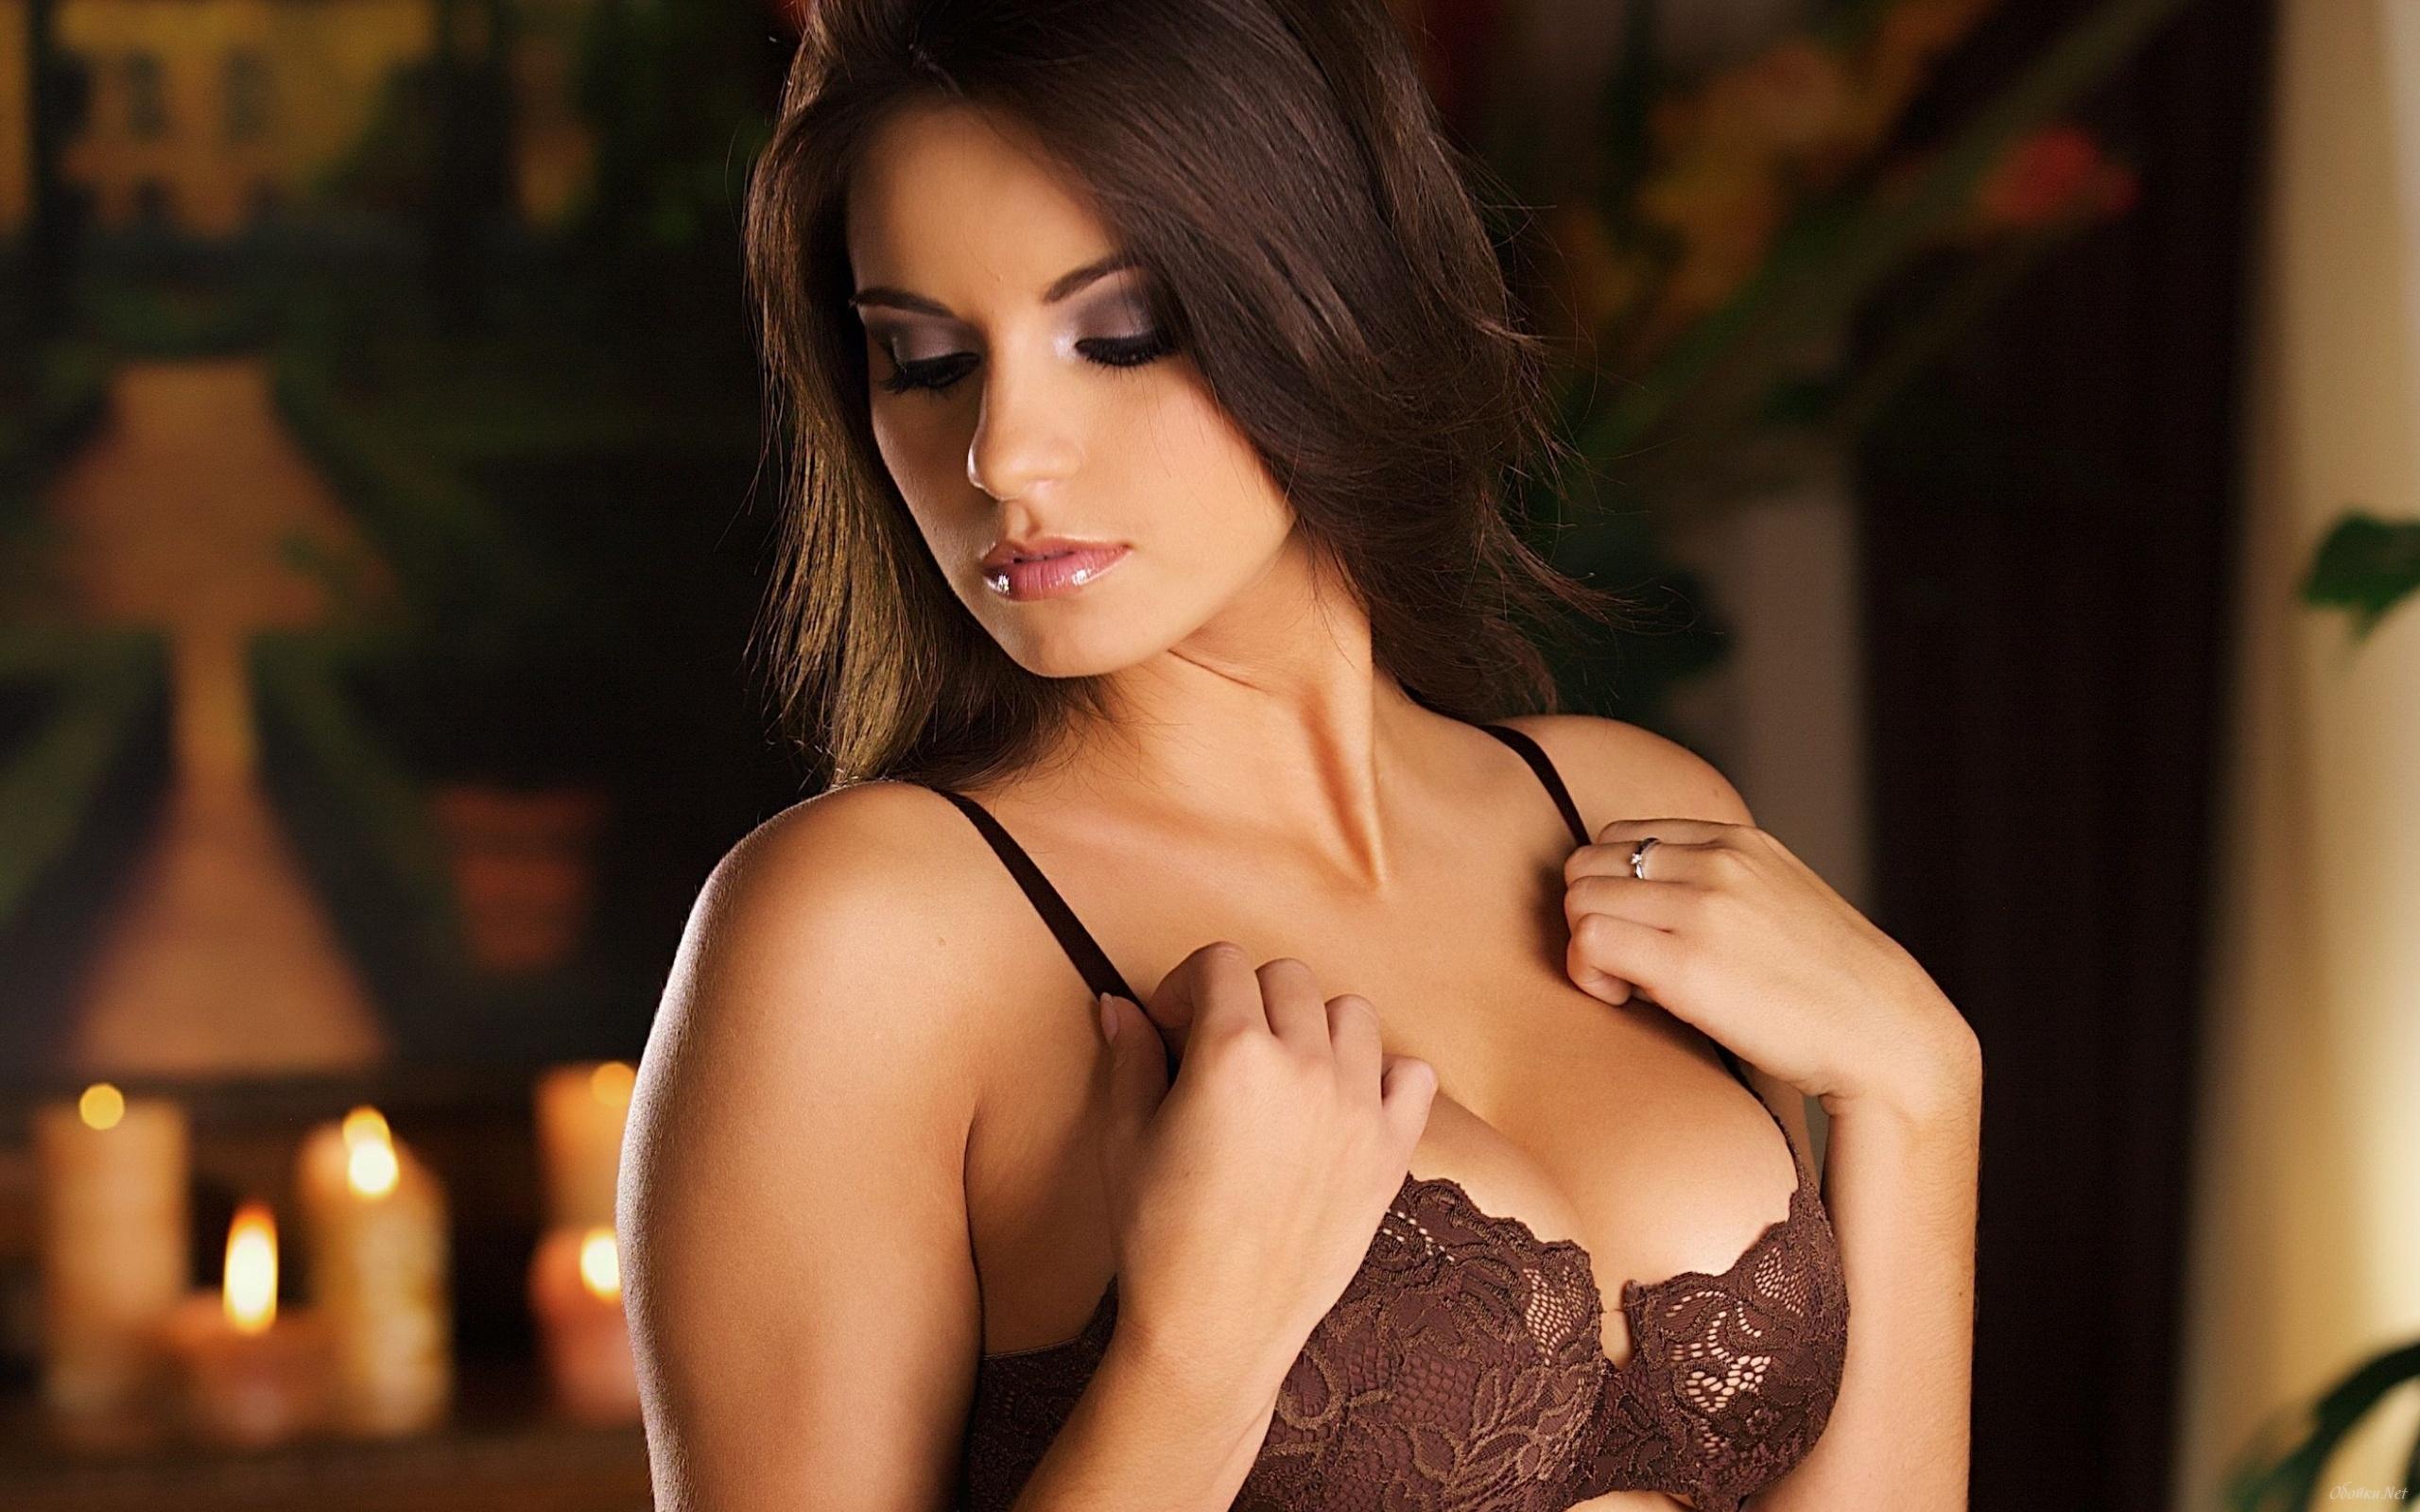 Фото порно сладких девочекх 12 фотография